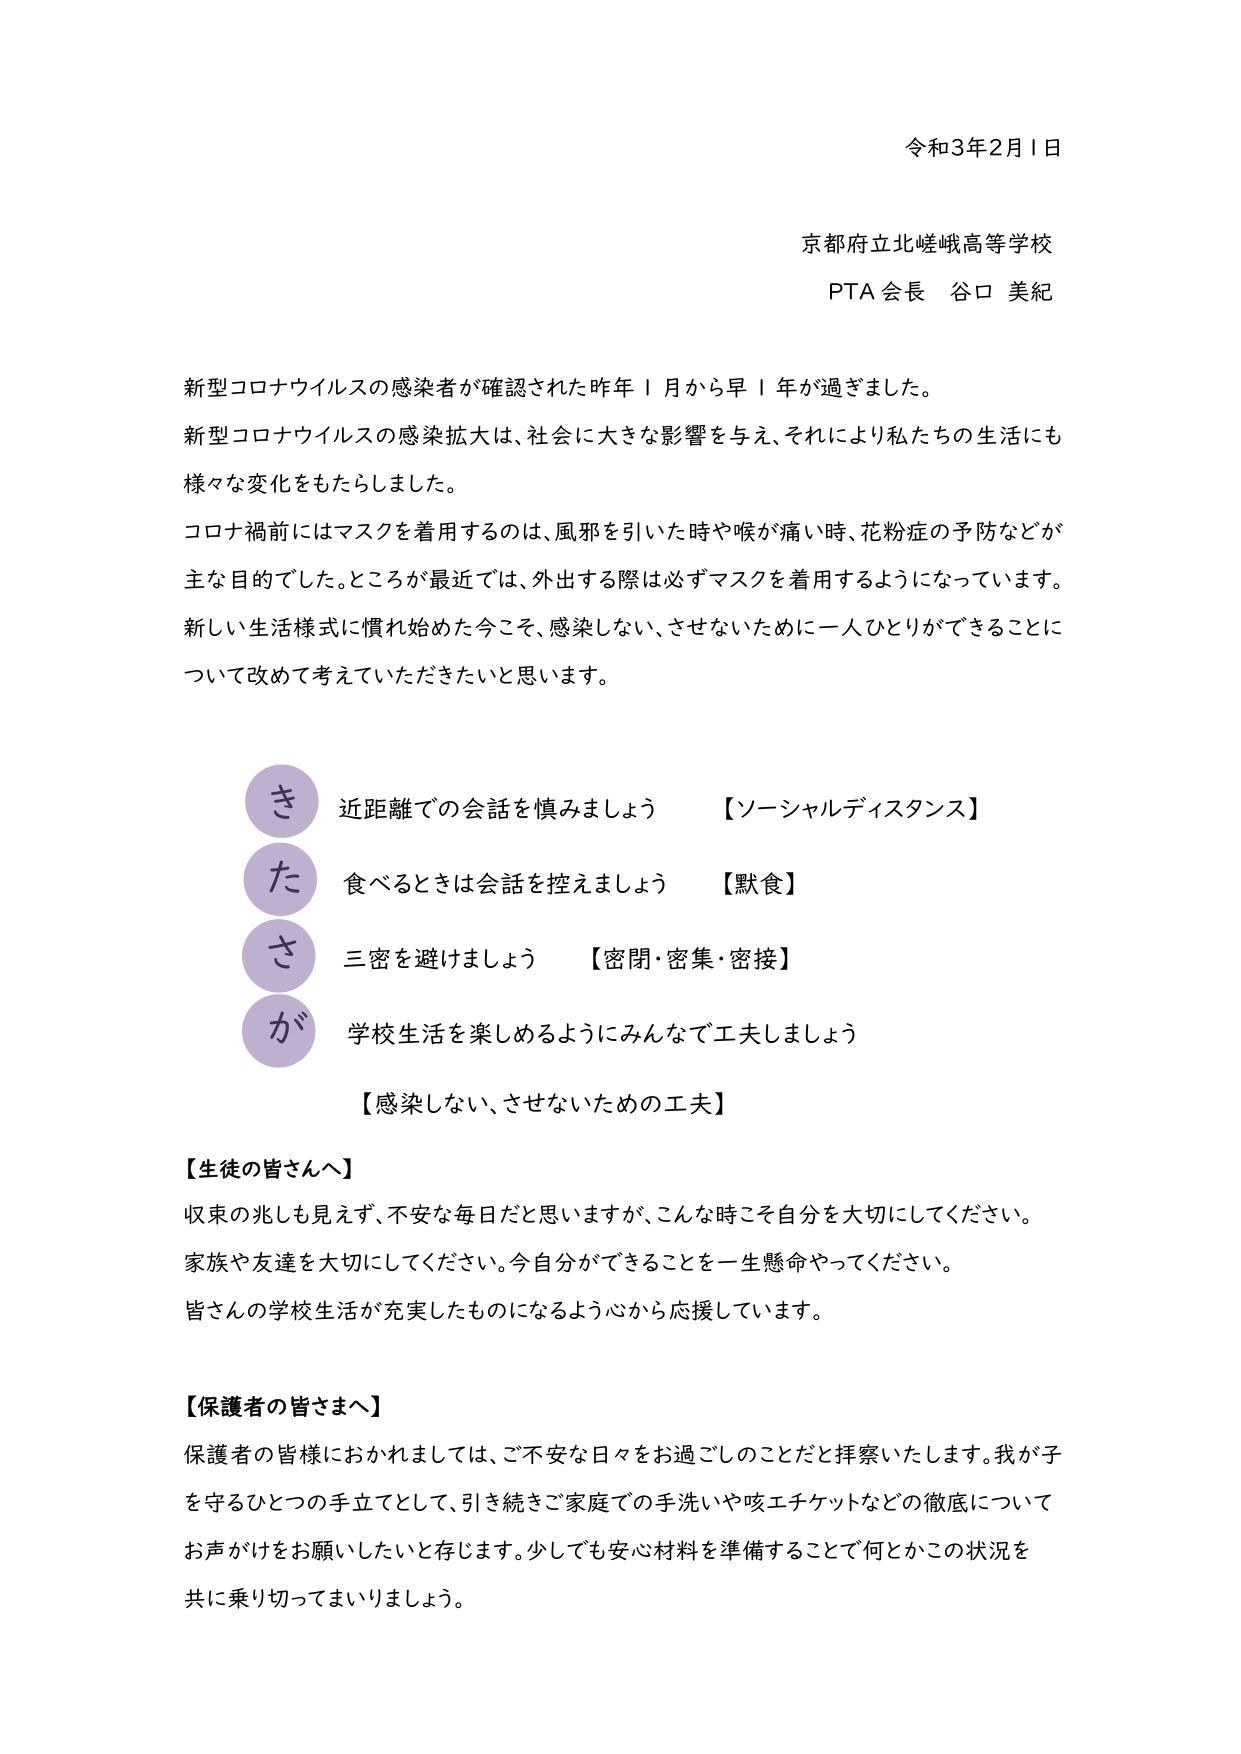 北嵯峨高校PTA会長_page-0001.jpg